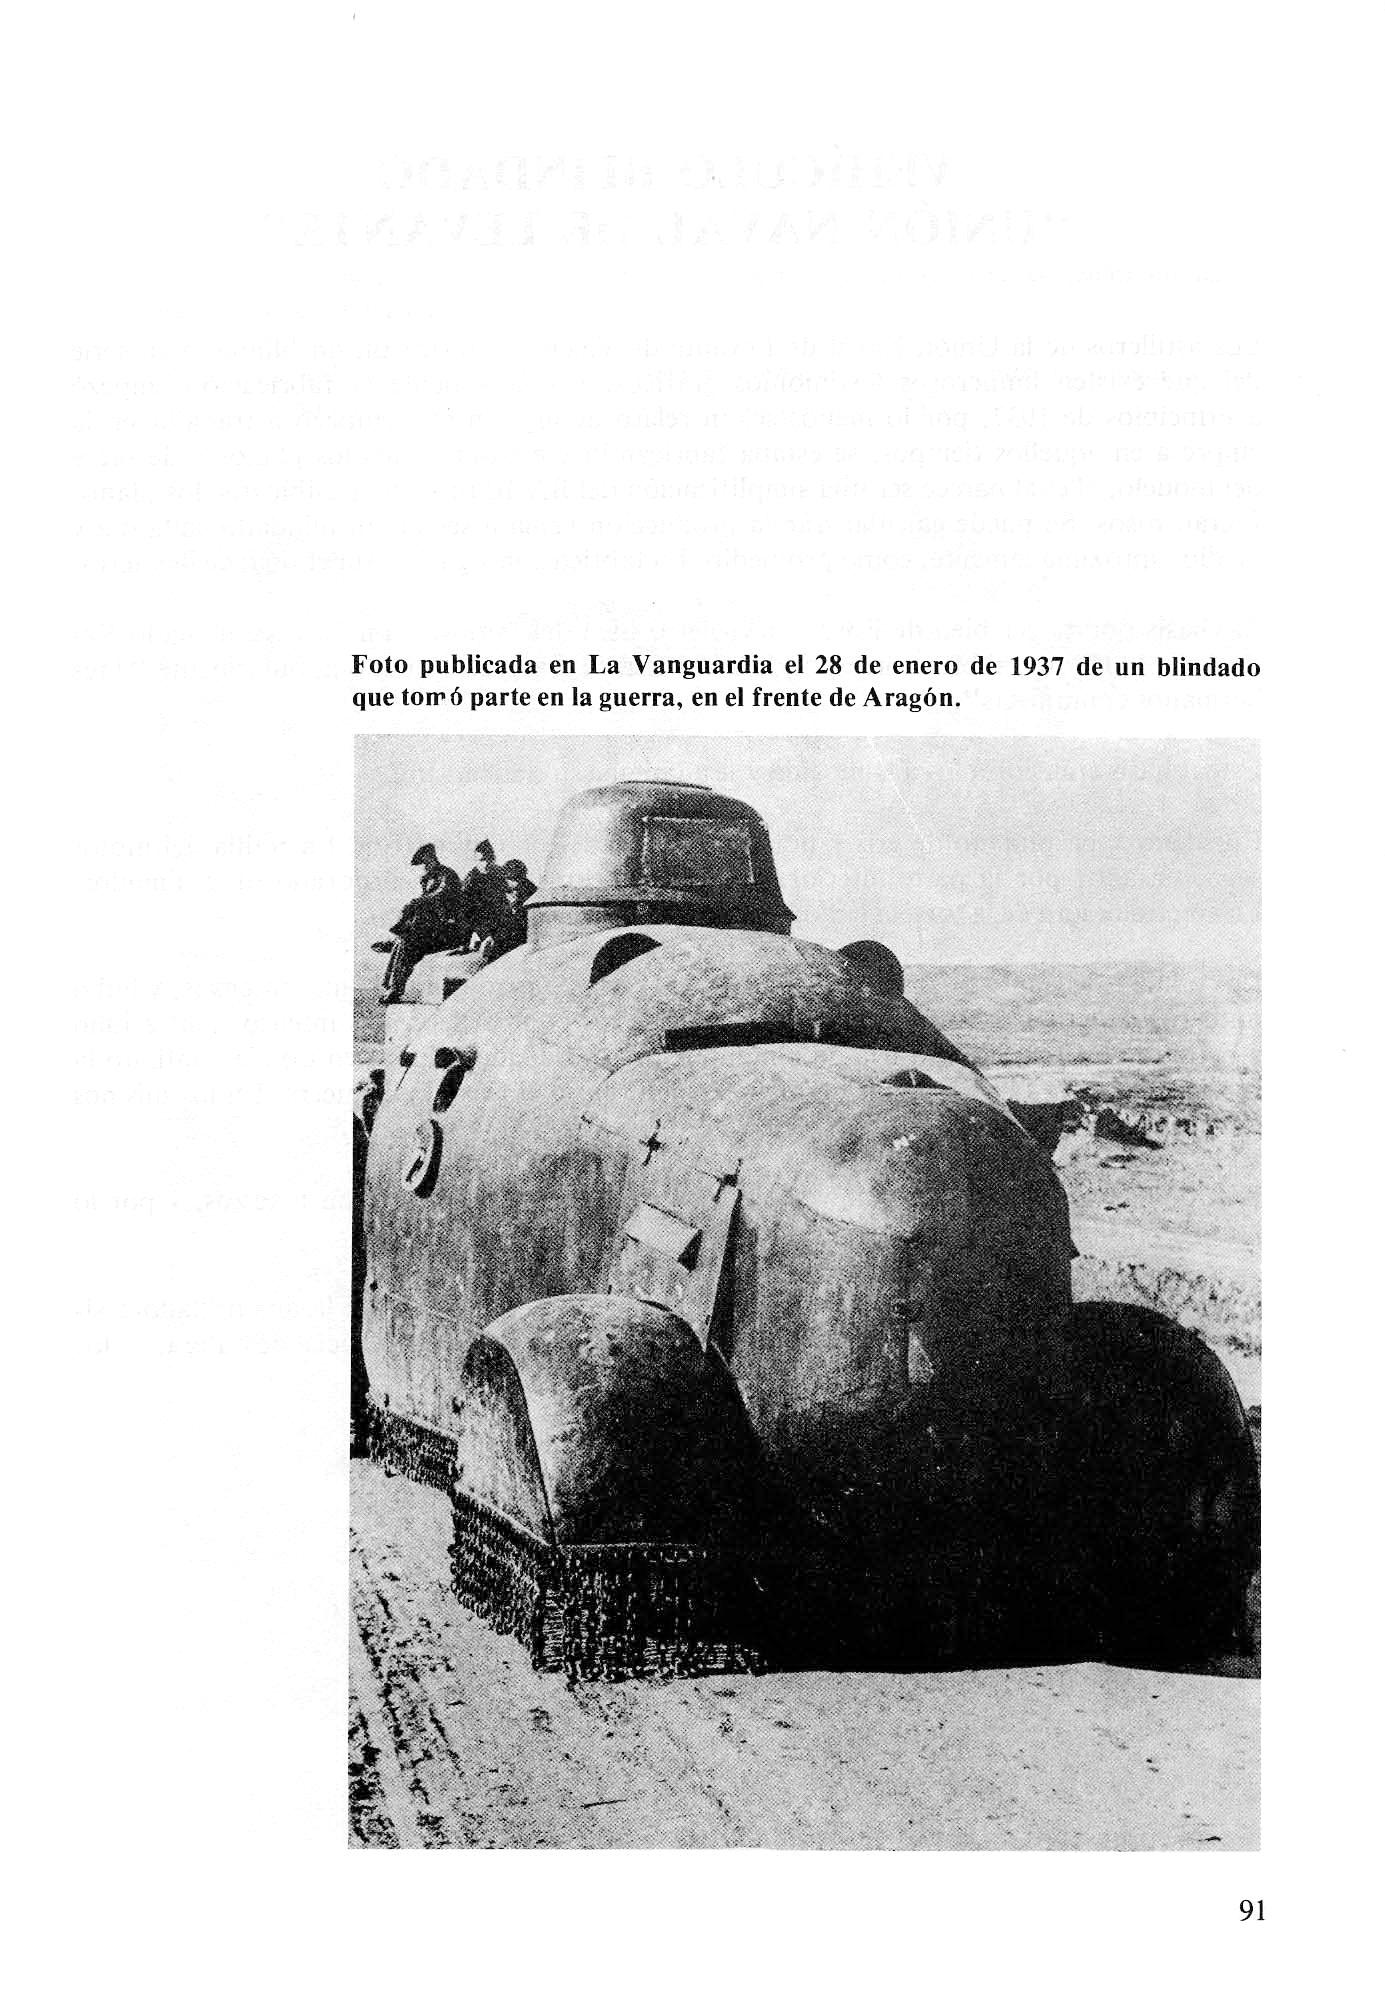 Carros De Combate Y Vehiculos Blindados De La Guerra 1936 1939 [F.C.Albert 1980]_Страница_089.jpg